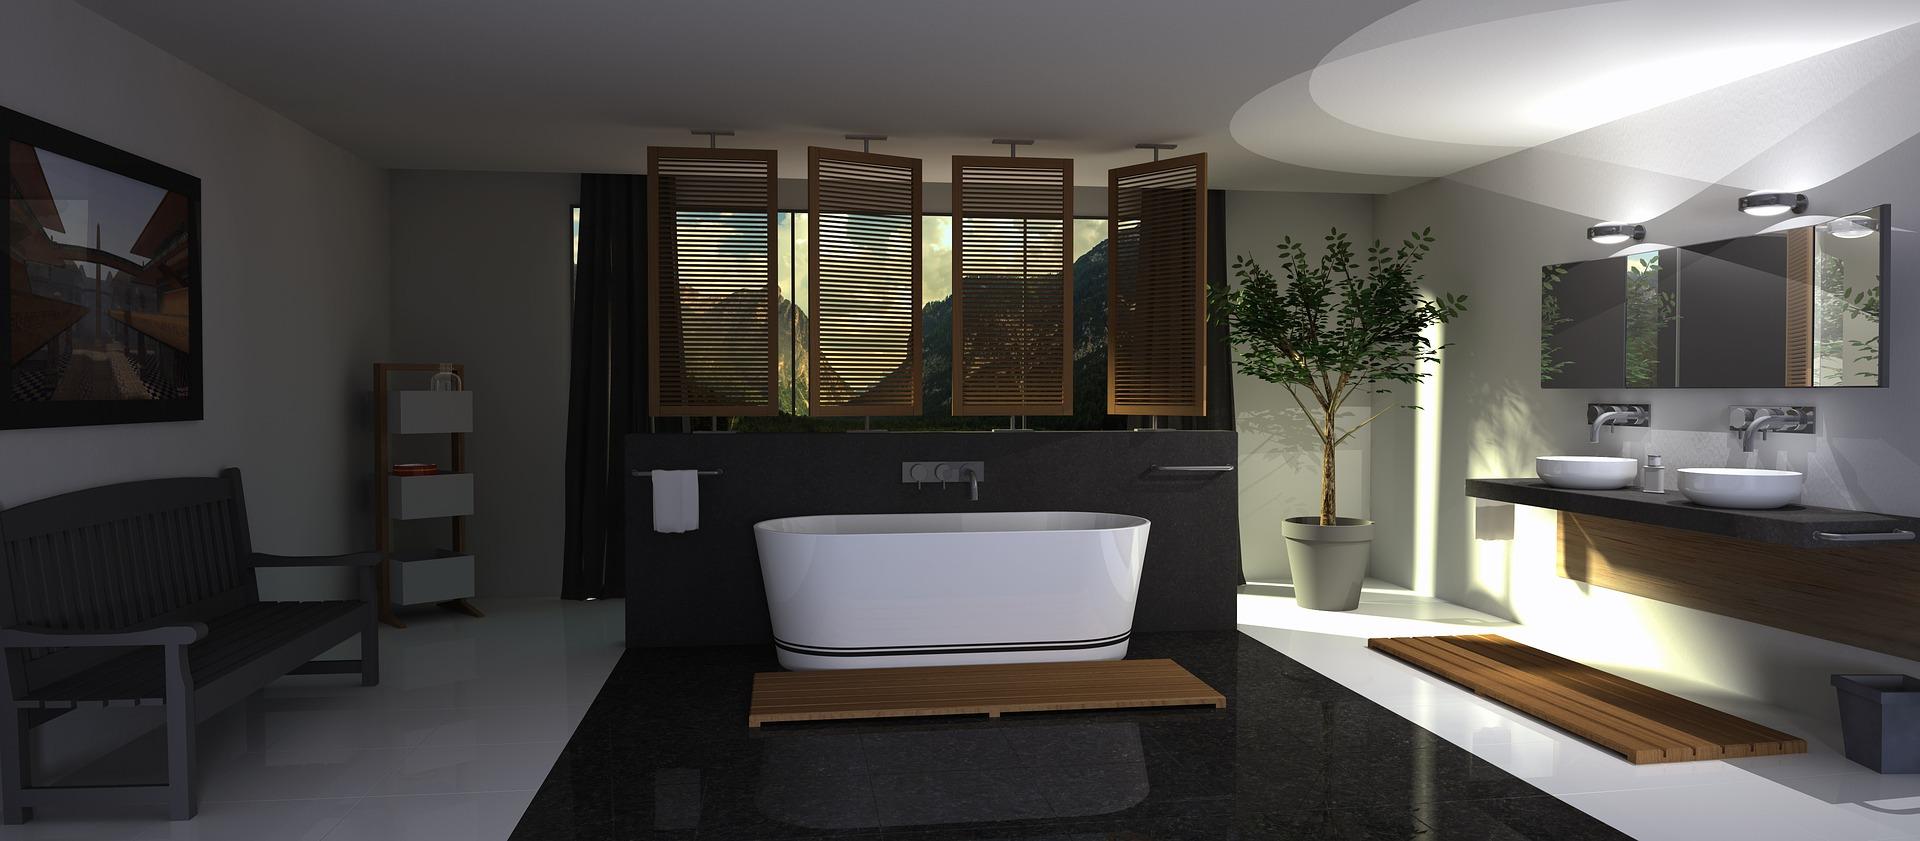 designing bathroom with bathtub